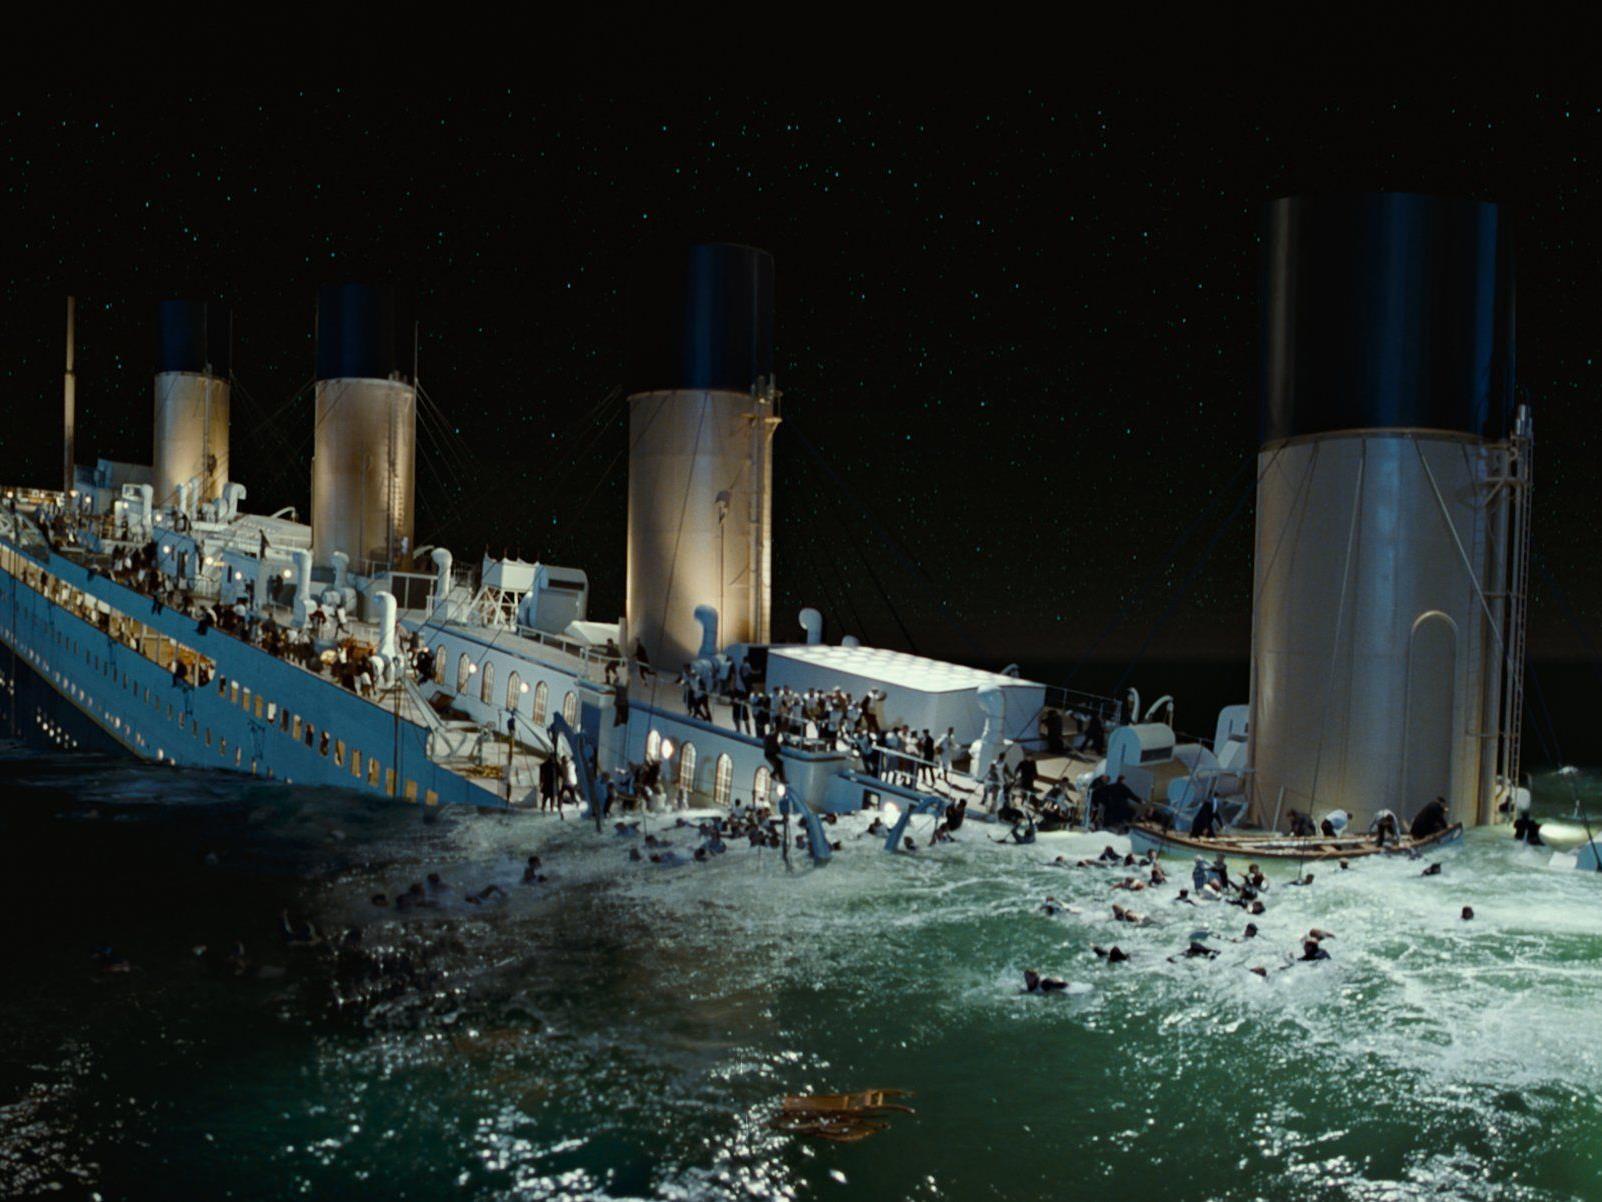 Titanic ab Donnerstag in 3D auf der Leinwand.